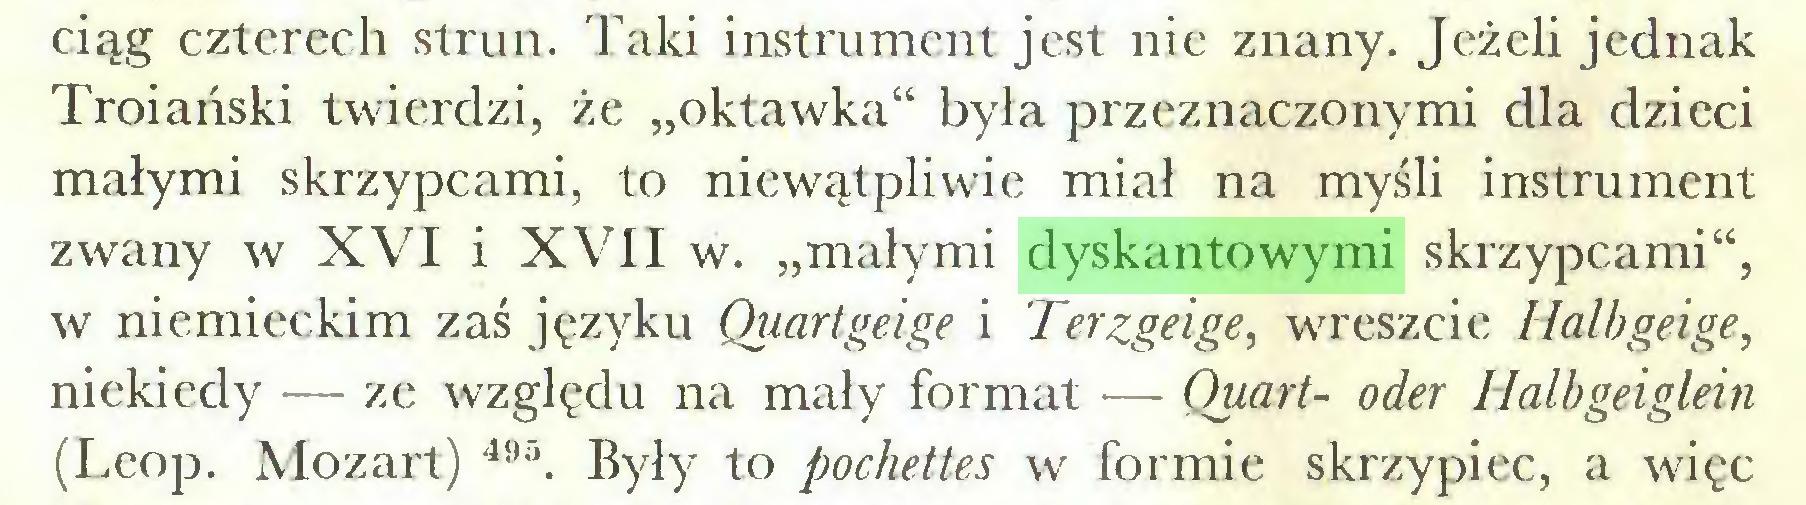 """(...) ciąg czterech strun. Taki instrument jest nie znany. Jeżeli jednak Troiański twierdzi, że """"oktawka"""" była przeznaczonymi dla dzieci małymi skrzypcami, to niewątpliwie miał na myśli instrument zwany w XVI i XVII w. """"małymi dyskantowymi skrzypcami"""", w niemieckim zaś języku Quartgeige i Terzgeige, wreszcie Halbgeige, niekiedy — ze względu na mały format •— Quart- oder Halhgeiglein (Leop. Mozart) 491 * * * 495. Były to pochettes w formie skrzypiec, a więc..."""